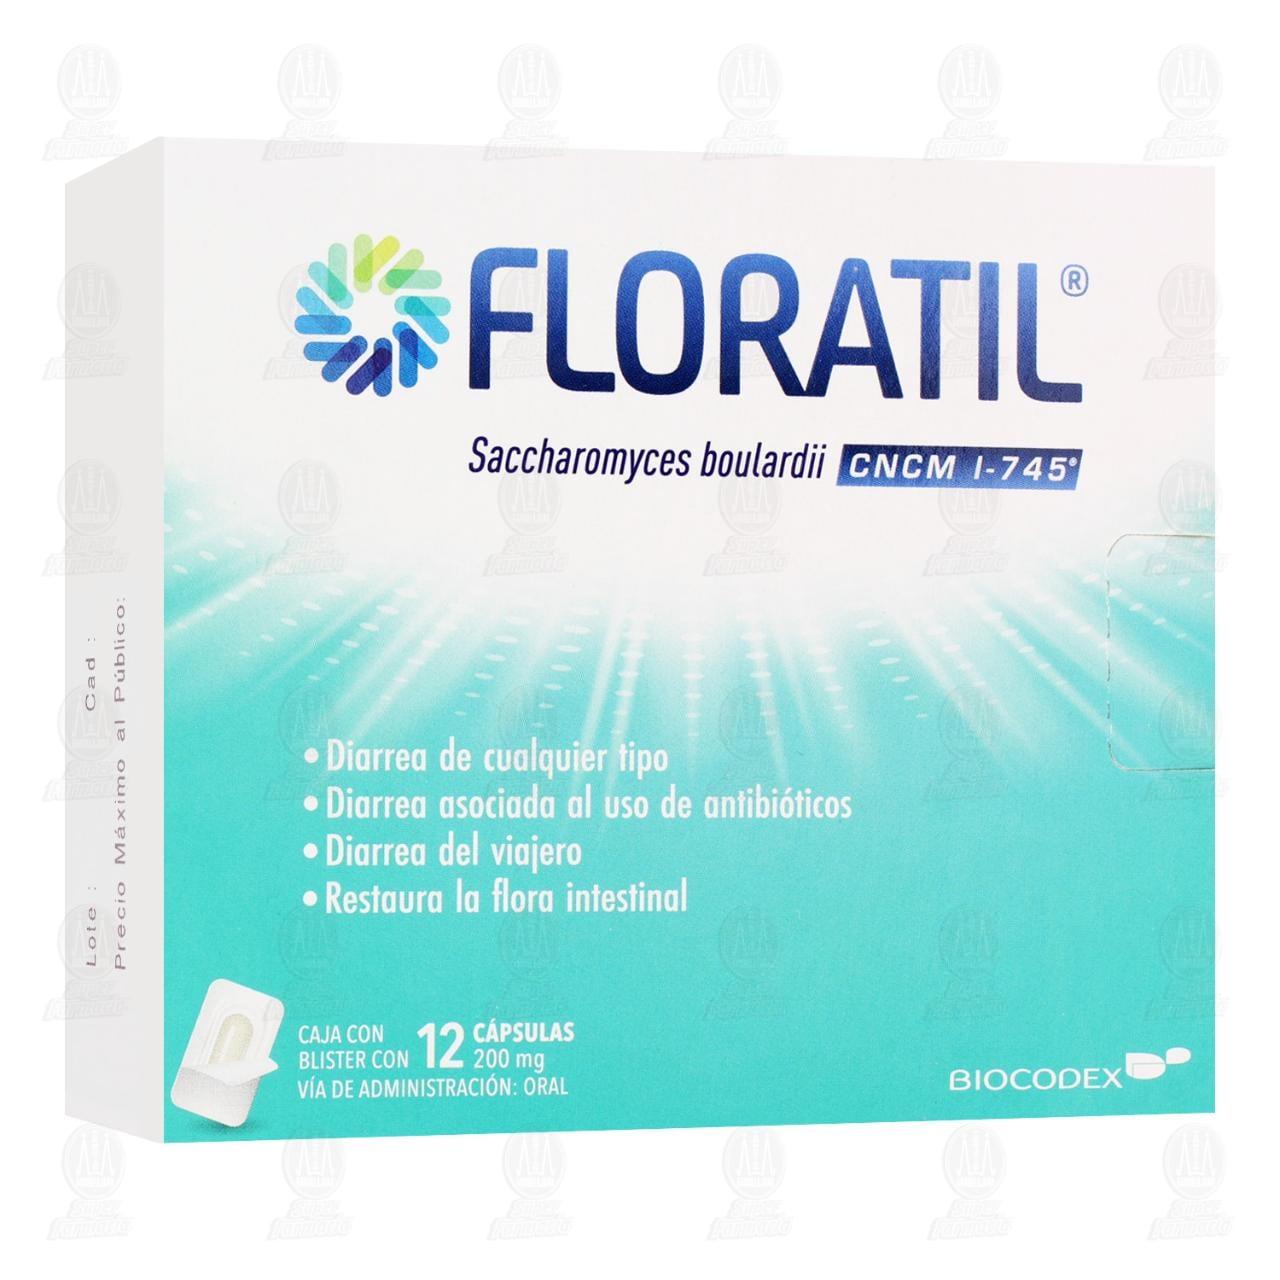 Comprar Floratil 200mg 12 Cápsulas en Farmacias Guadalajara